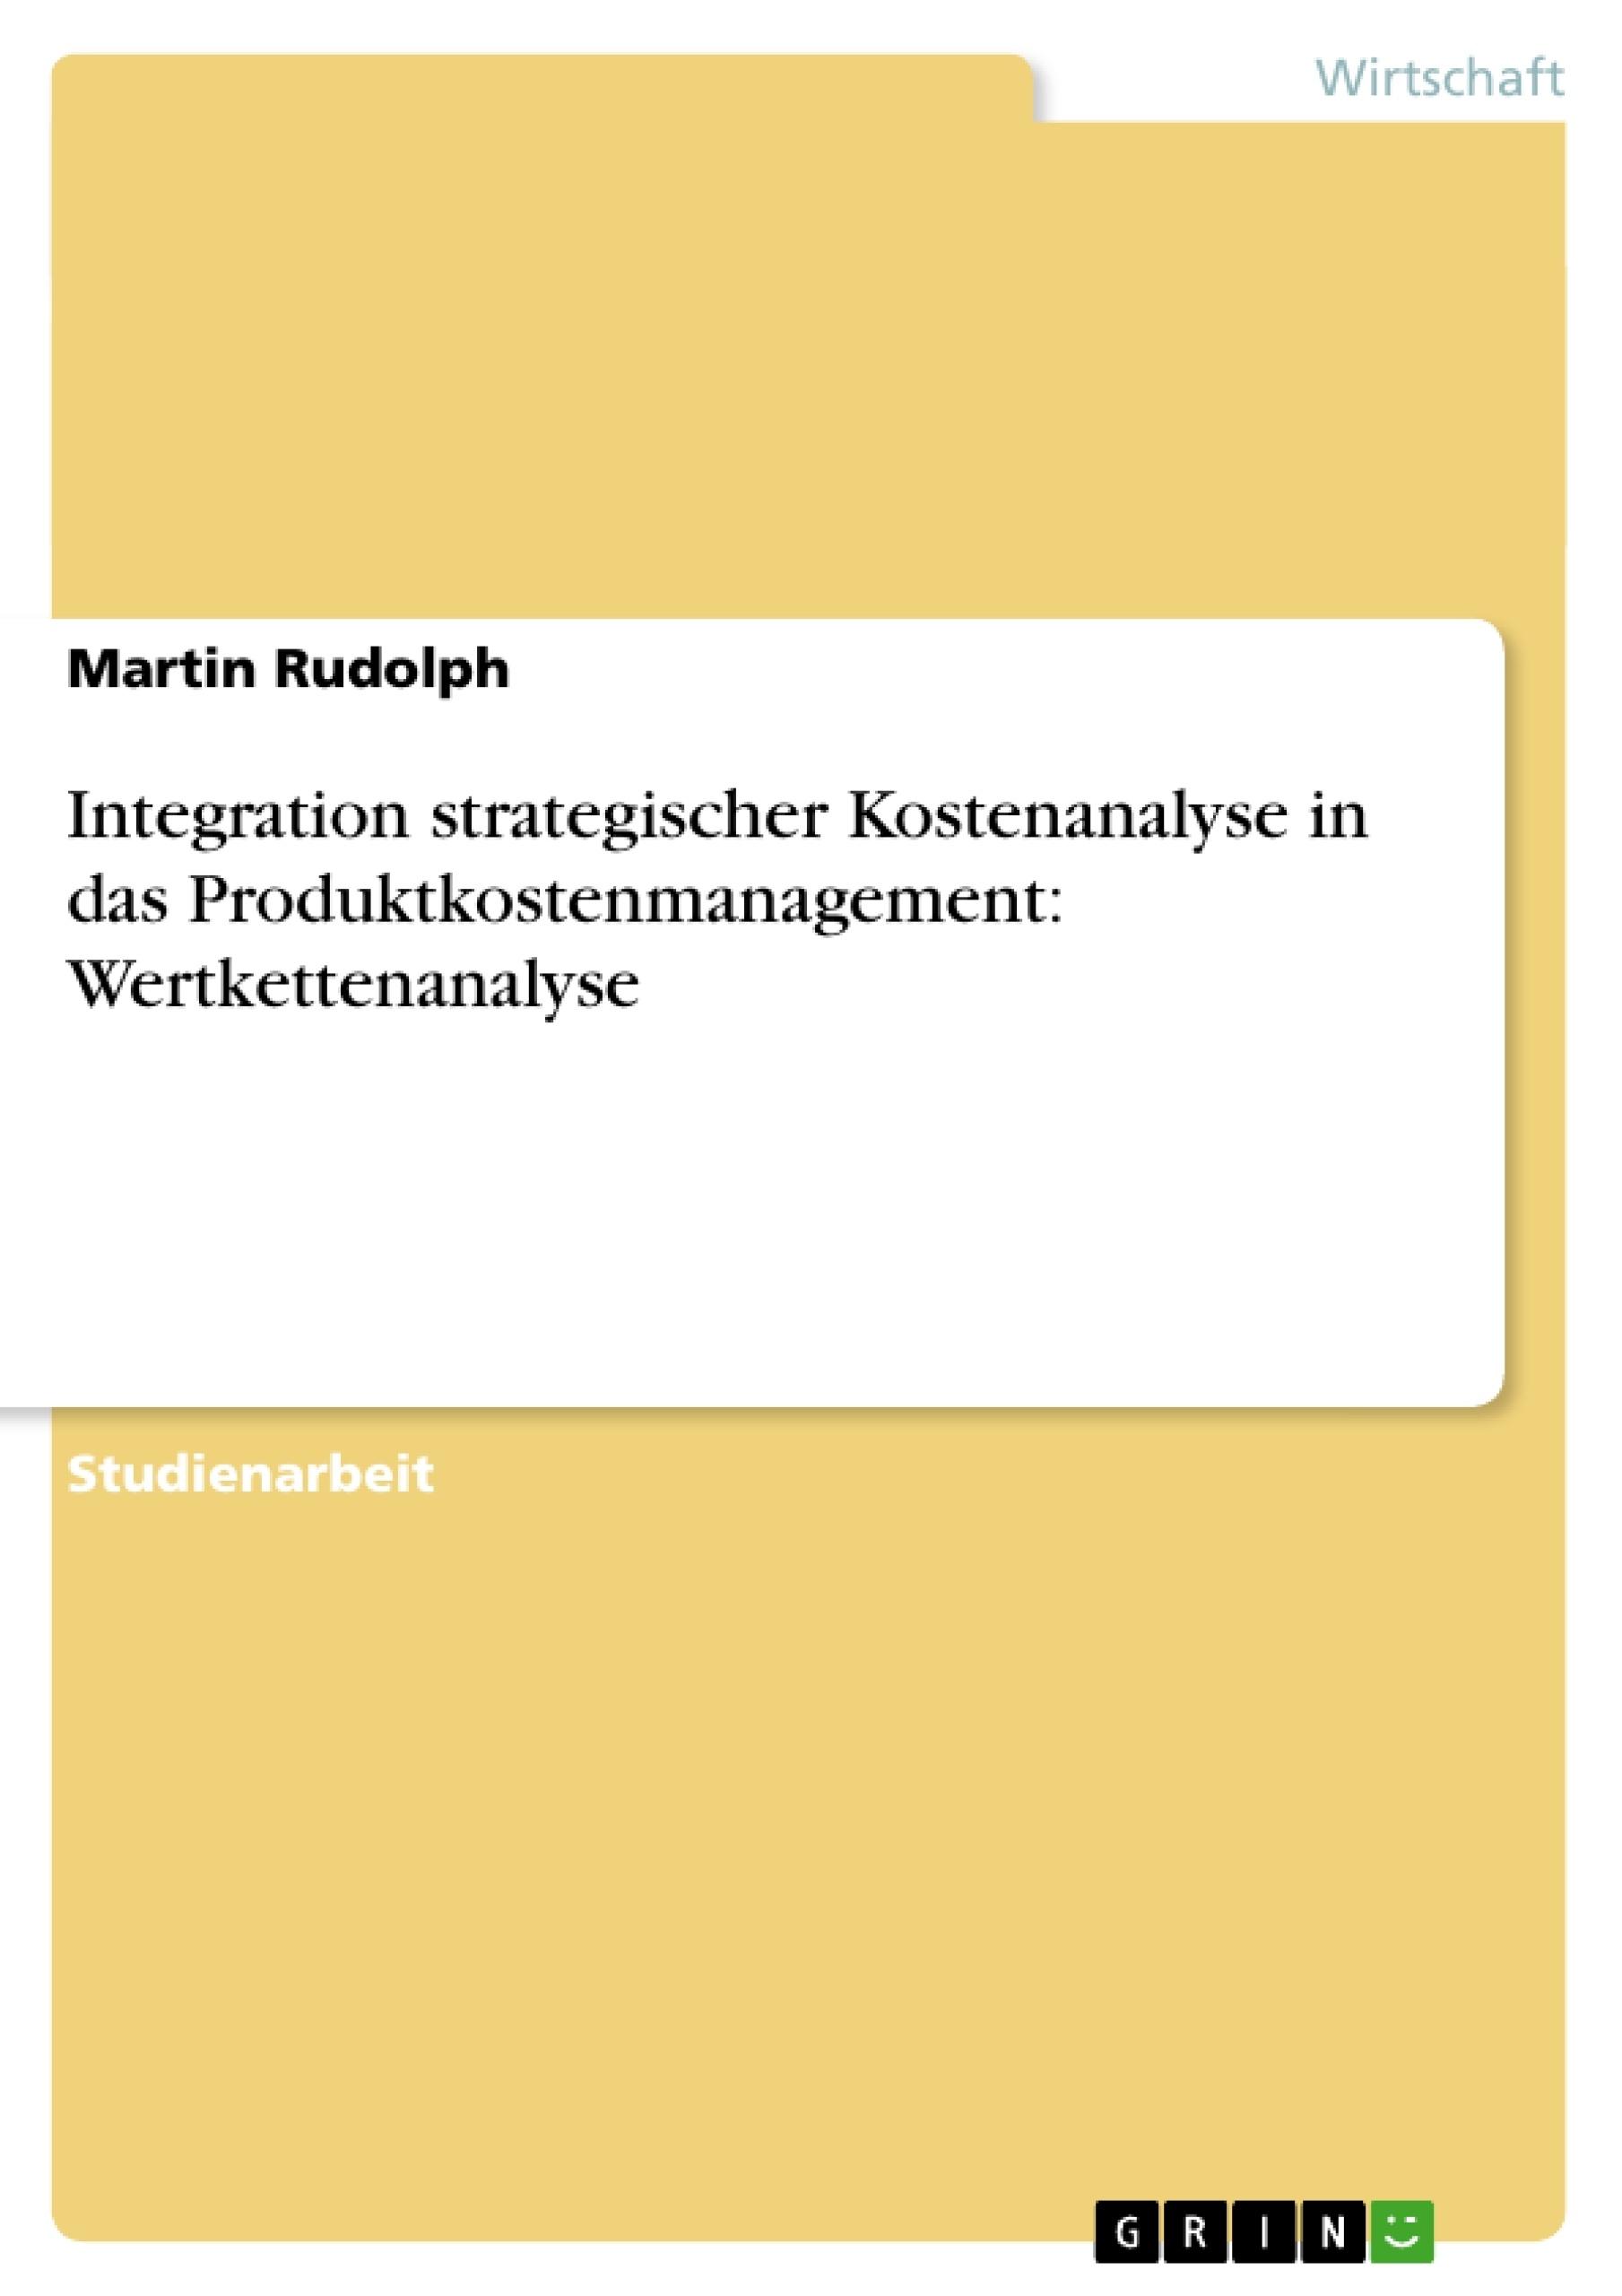 Titel: Integration strategischer Kostenanalyse in das Produktkostenmanagement: Wertkettenanalyse